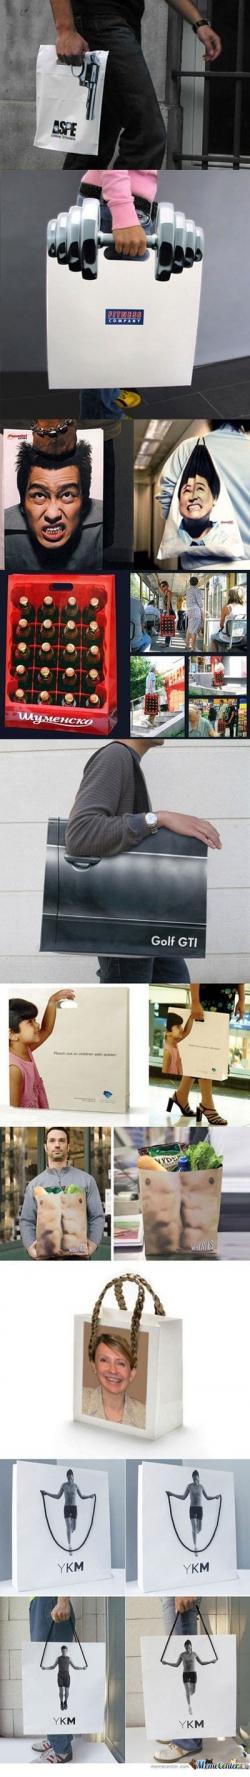 Funny photos - Funny Bag